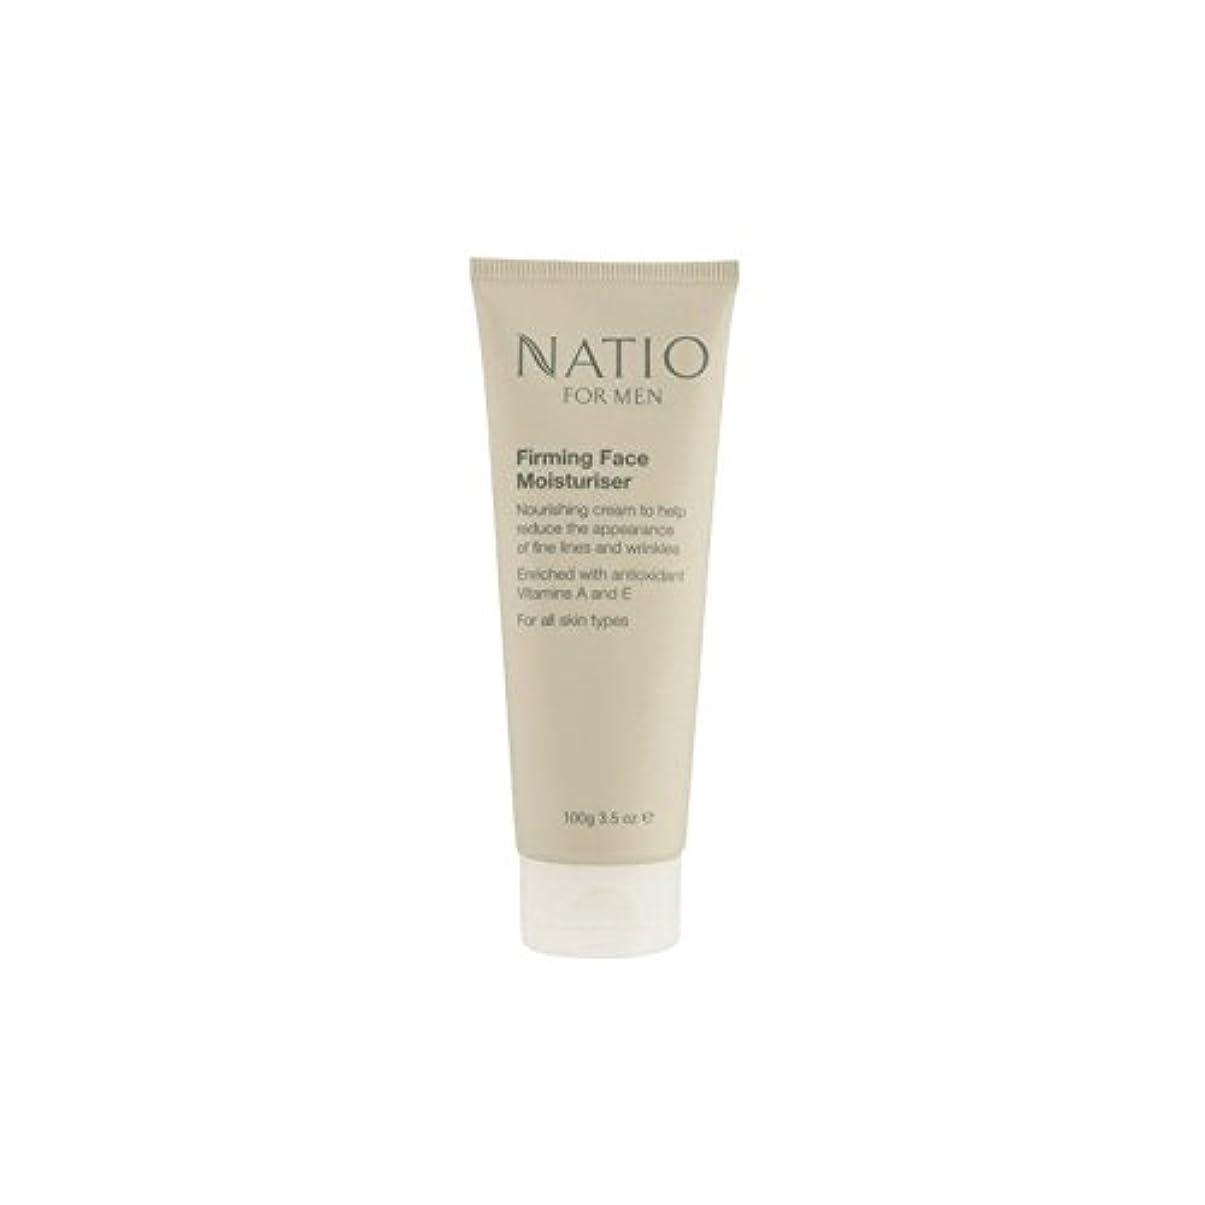 領事館緑永遠に顔の保湿剤を引き締め男性のための(100グラム) x2 - Natio For Men Firming Face Moisturiser (100G) (Pack of 2) [並行輸入品]